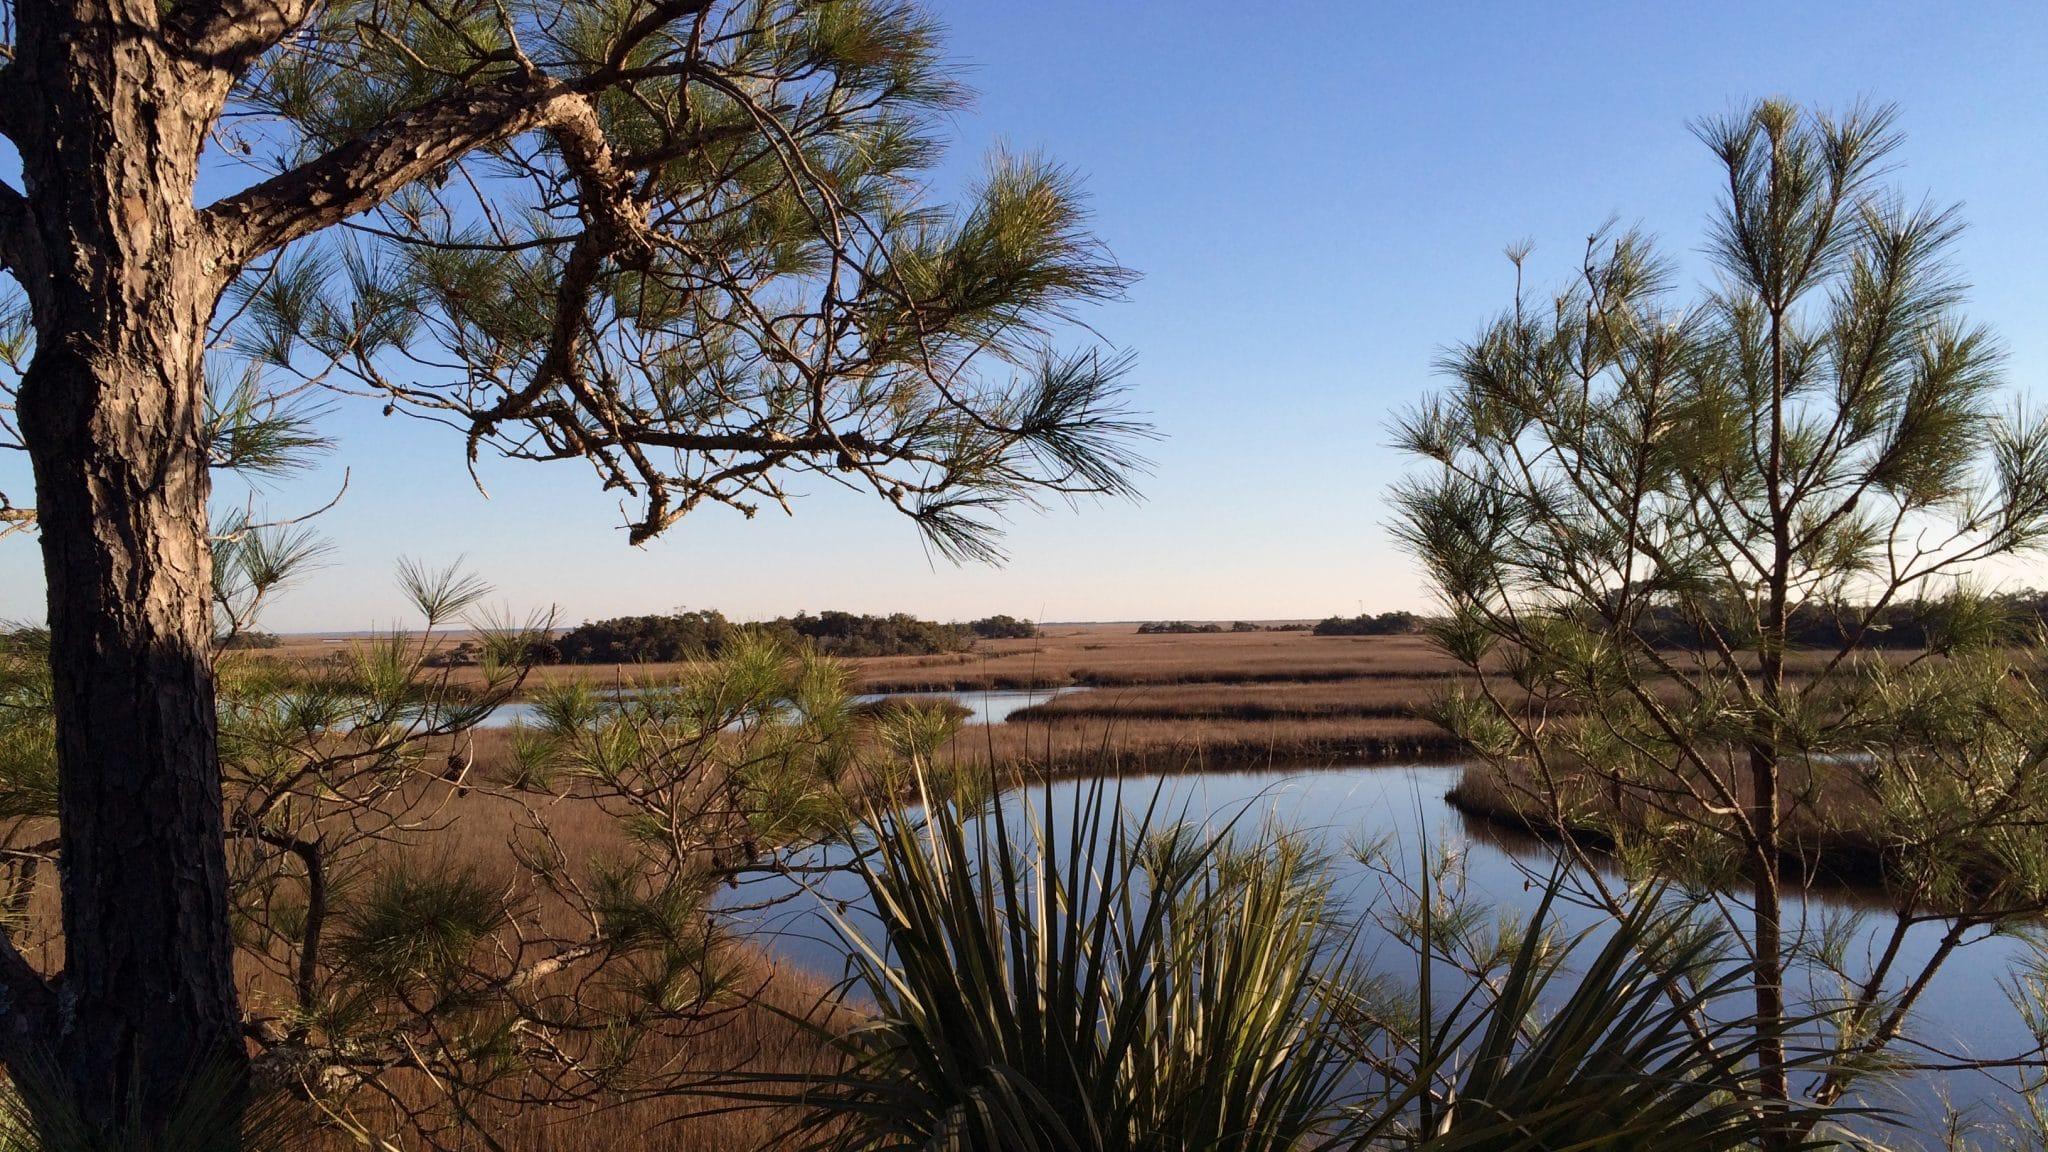 Bald Head Island marsh